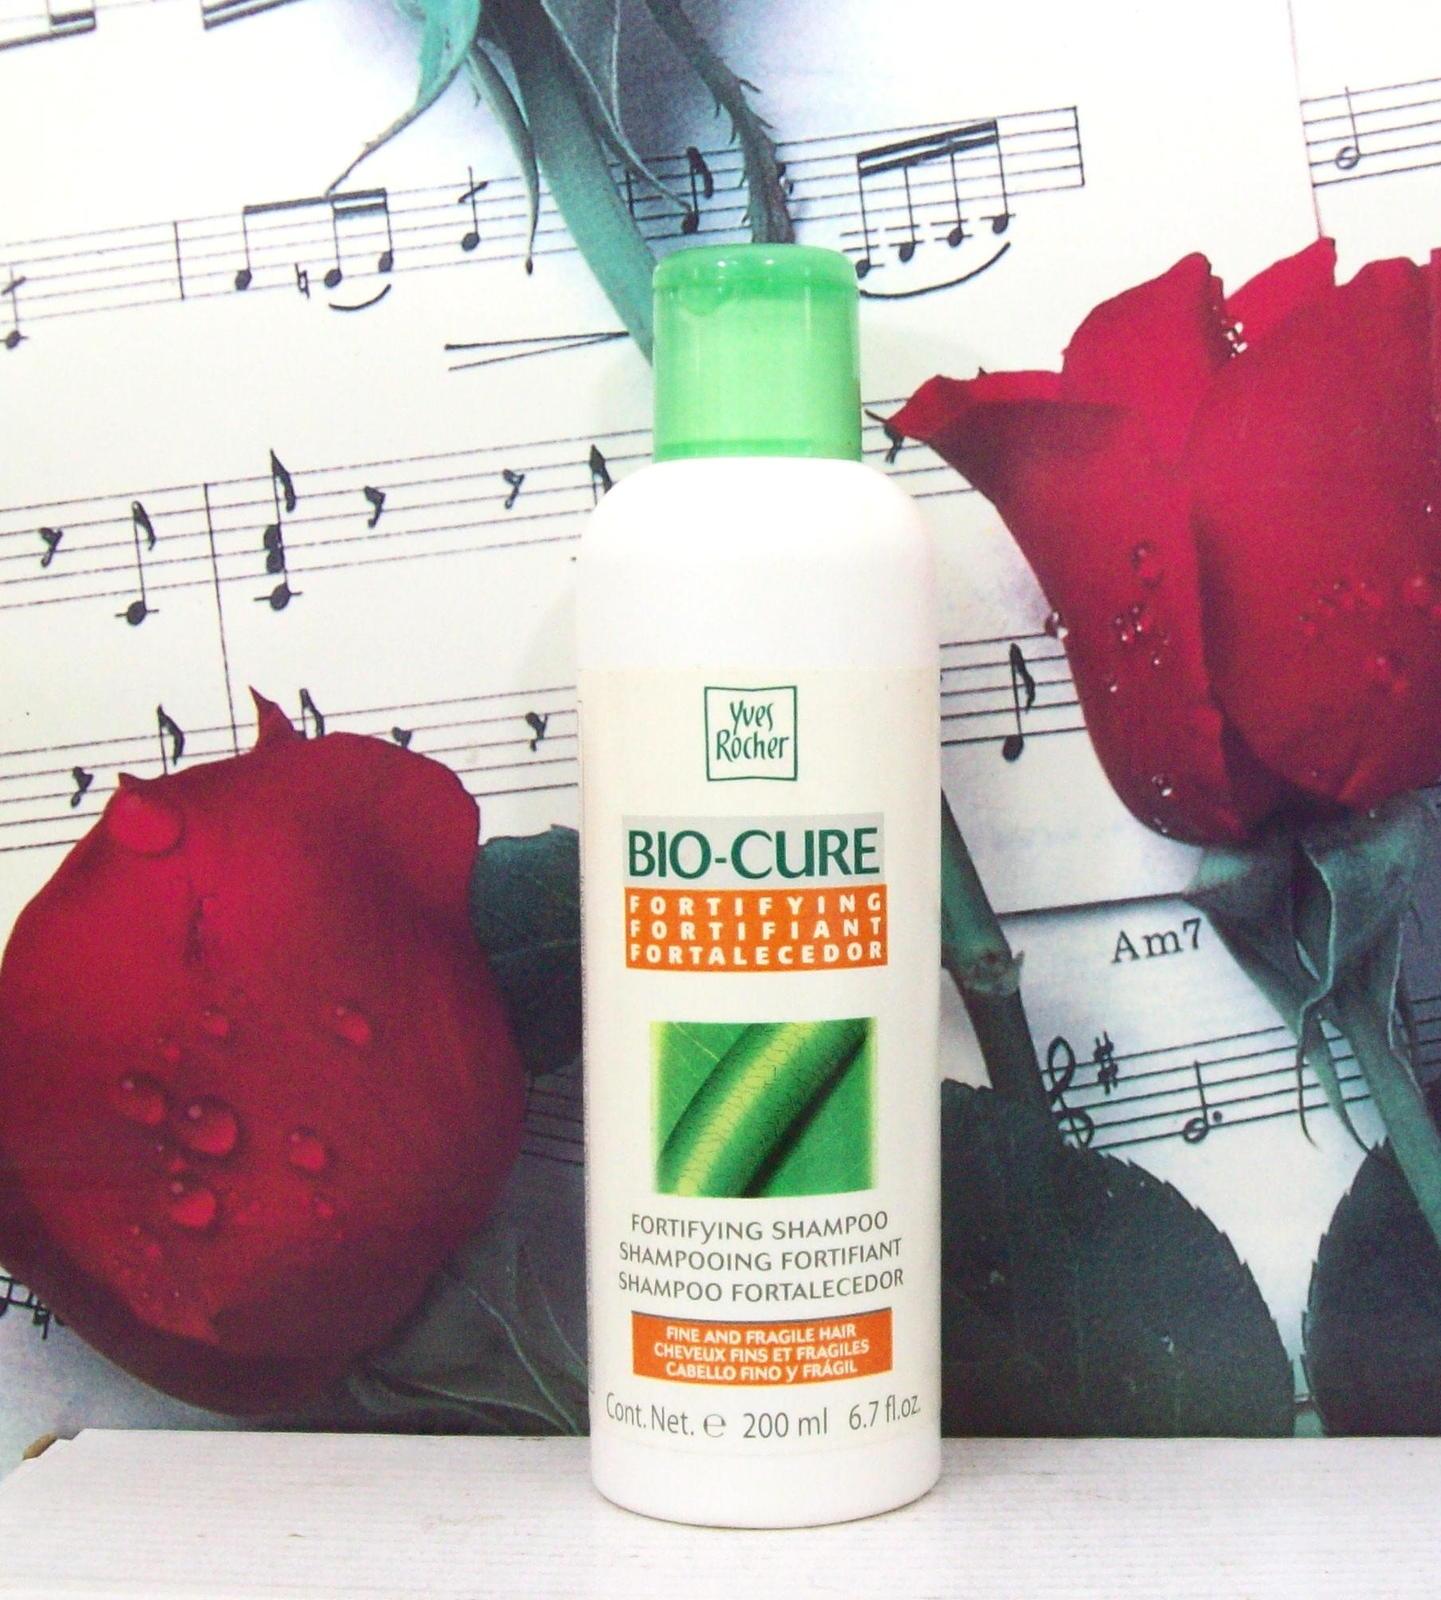 Yves Rocher Bio - Cure Fortifying Shampoo 6.7 FL. OZ. - $24.99